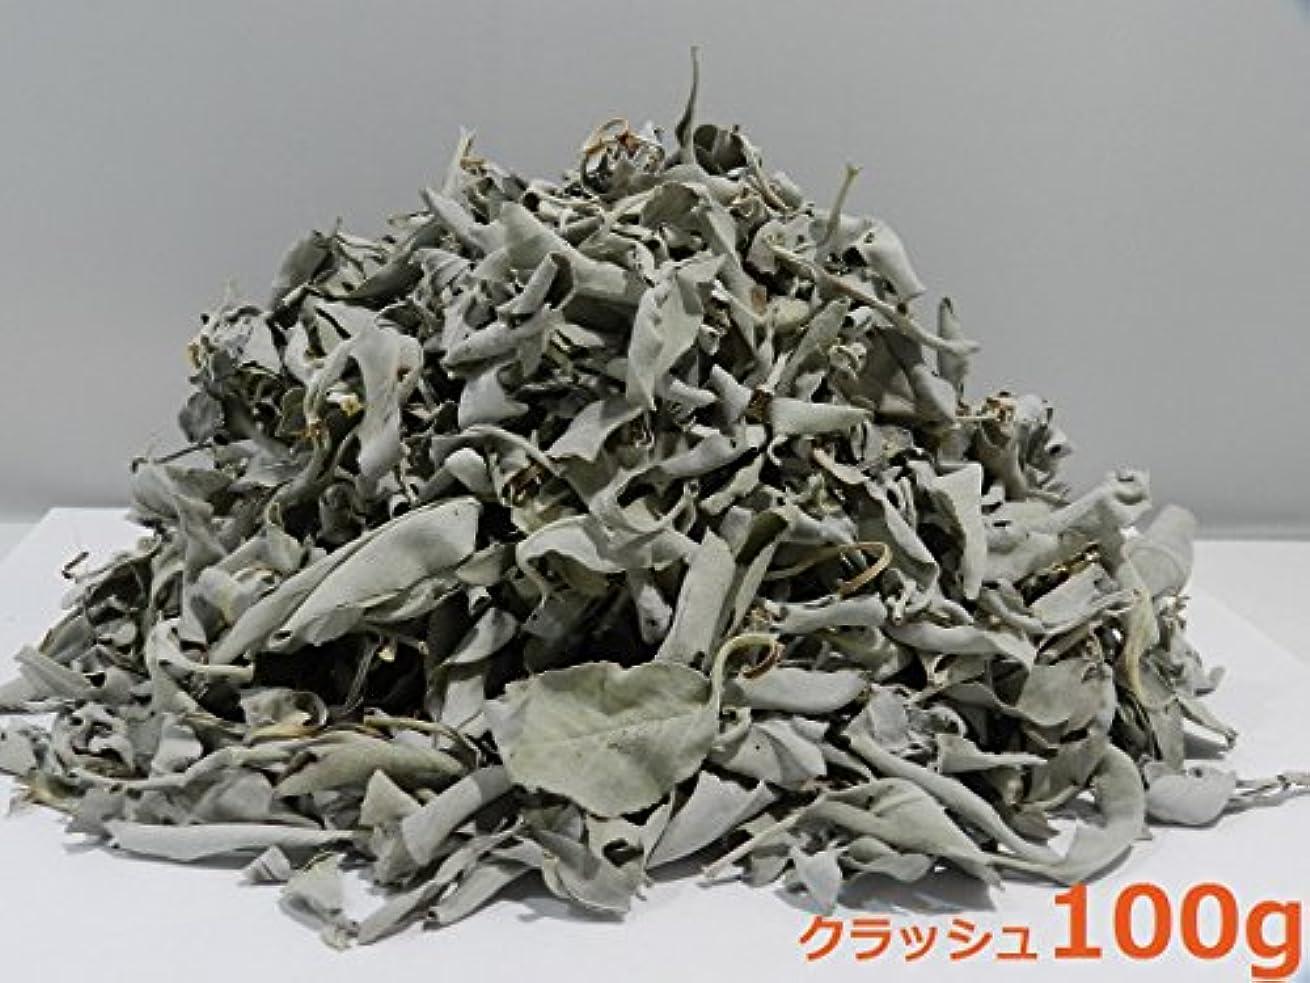 ヒステリッククリーム規制カリフォルニア産 浄化用 ホワイトセージ /White Sage クラッシュ 100g☆海外輸入品